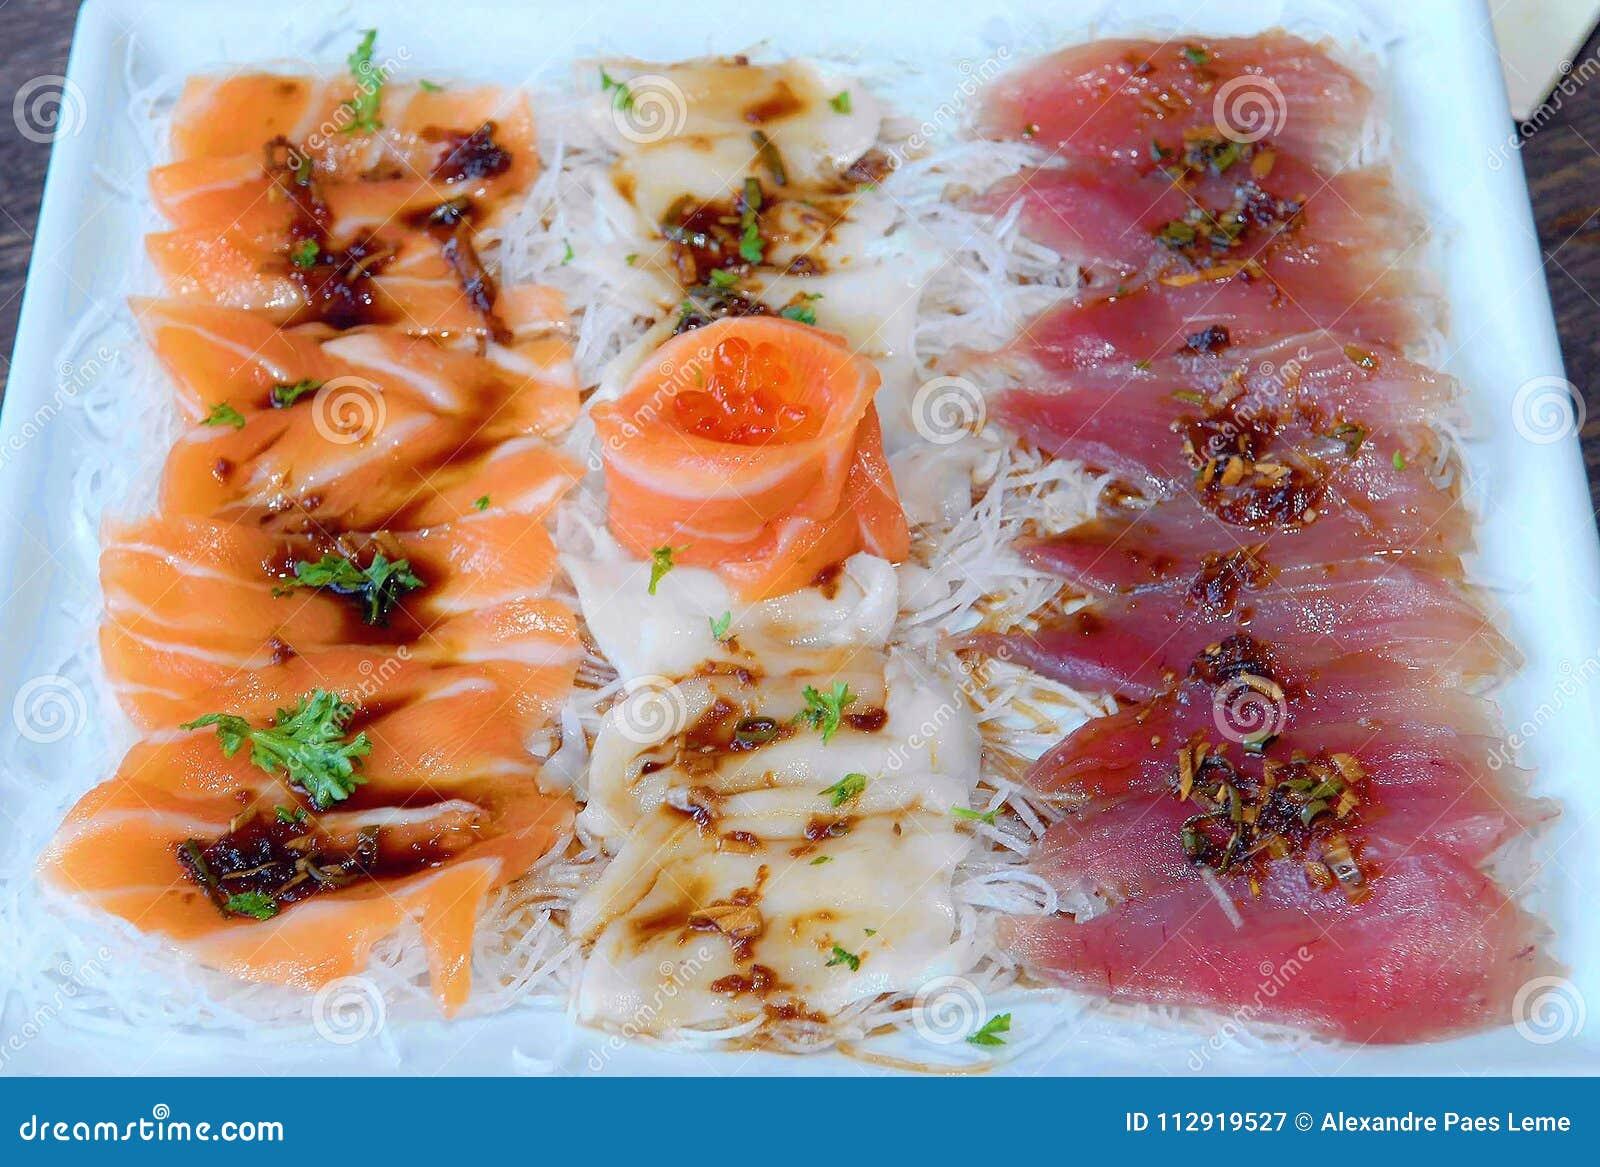 Japanese Food Sashimi Stock Image Image Of Fish